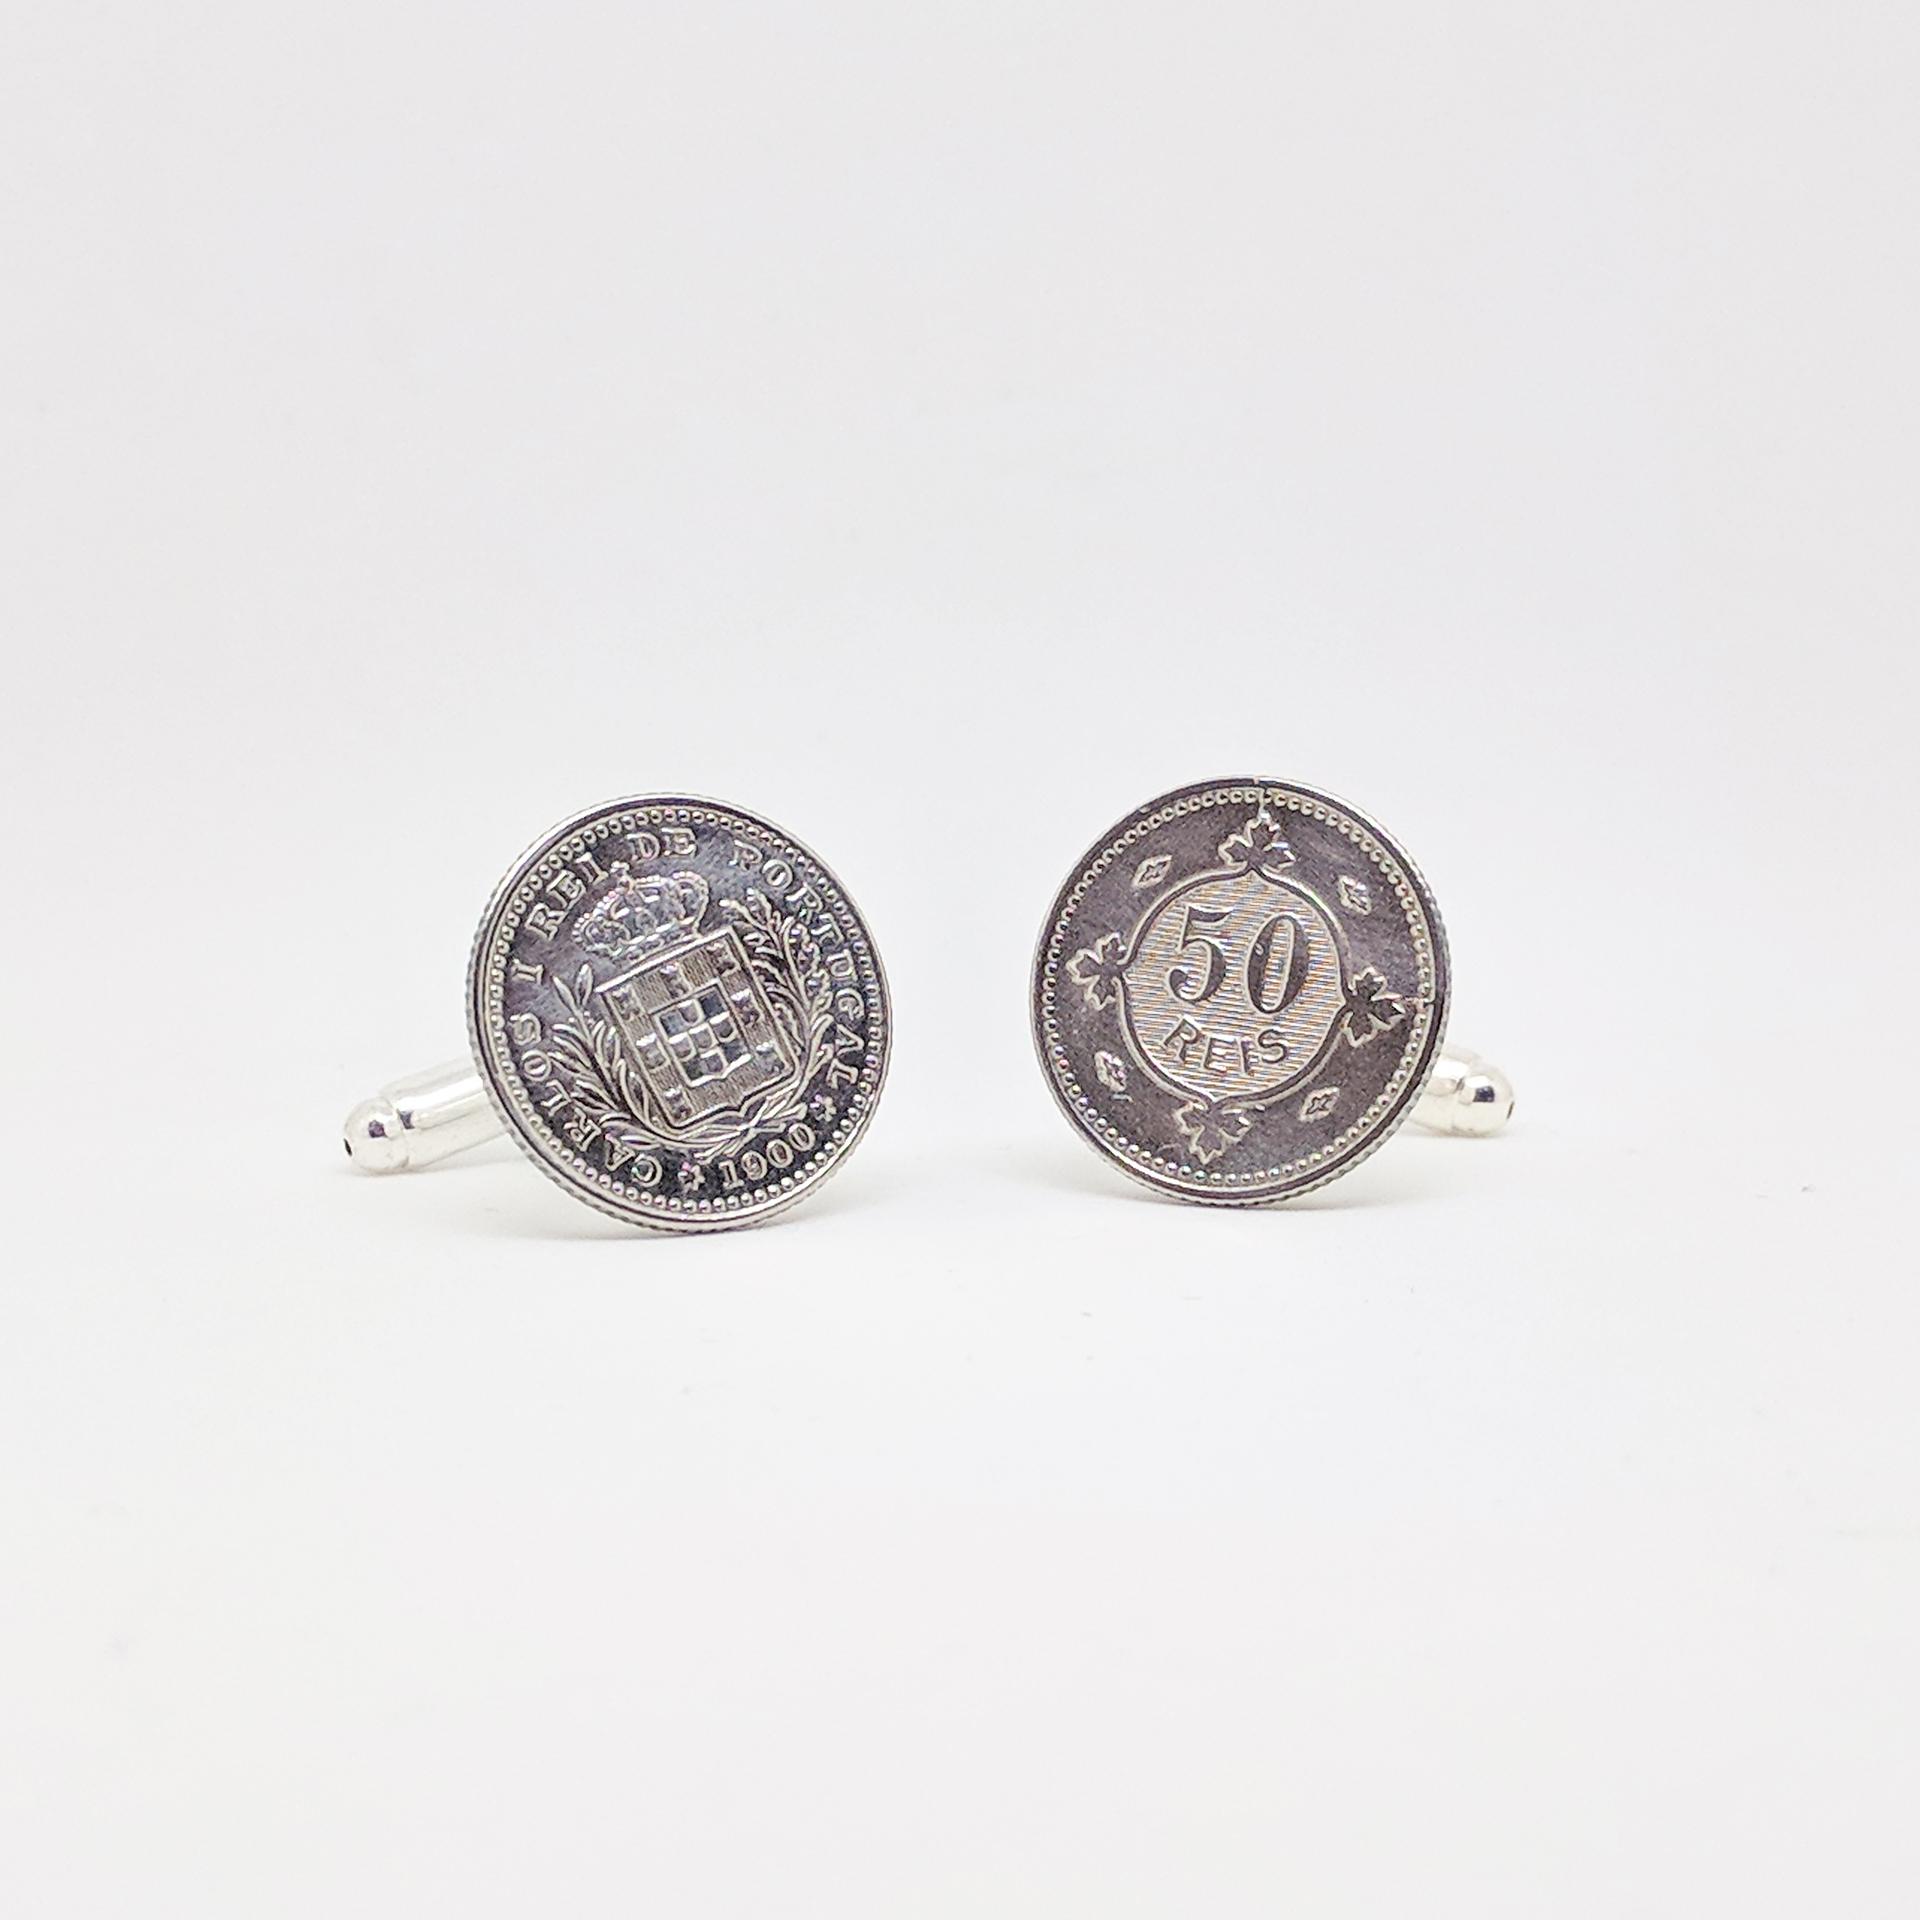 Botões de punho 50 Reis 1900